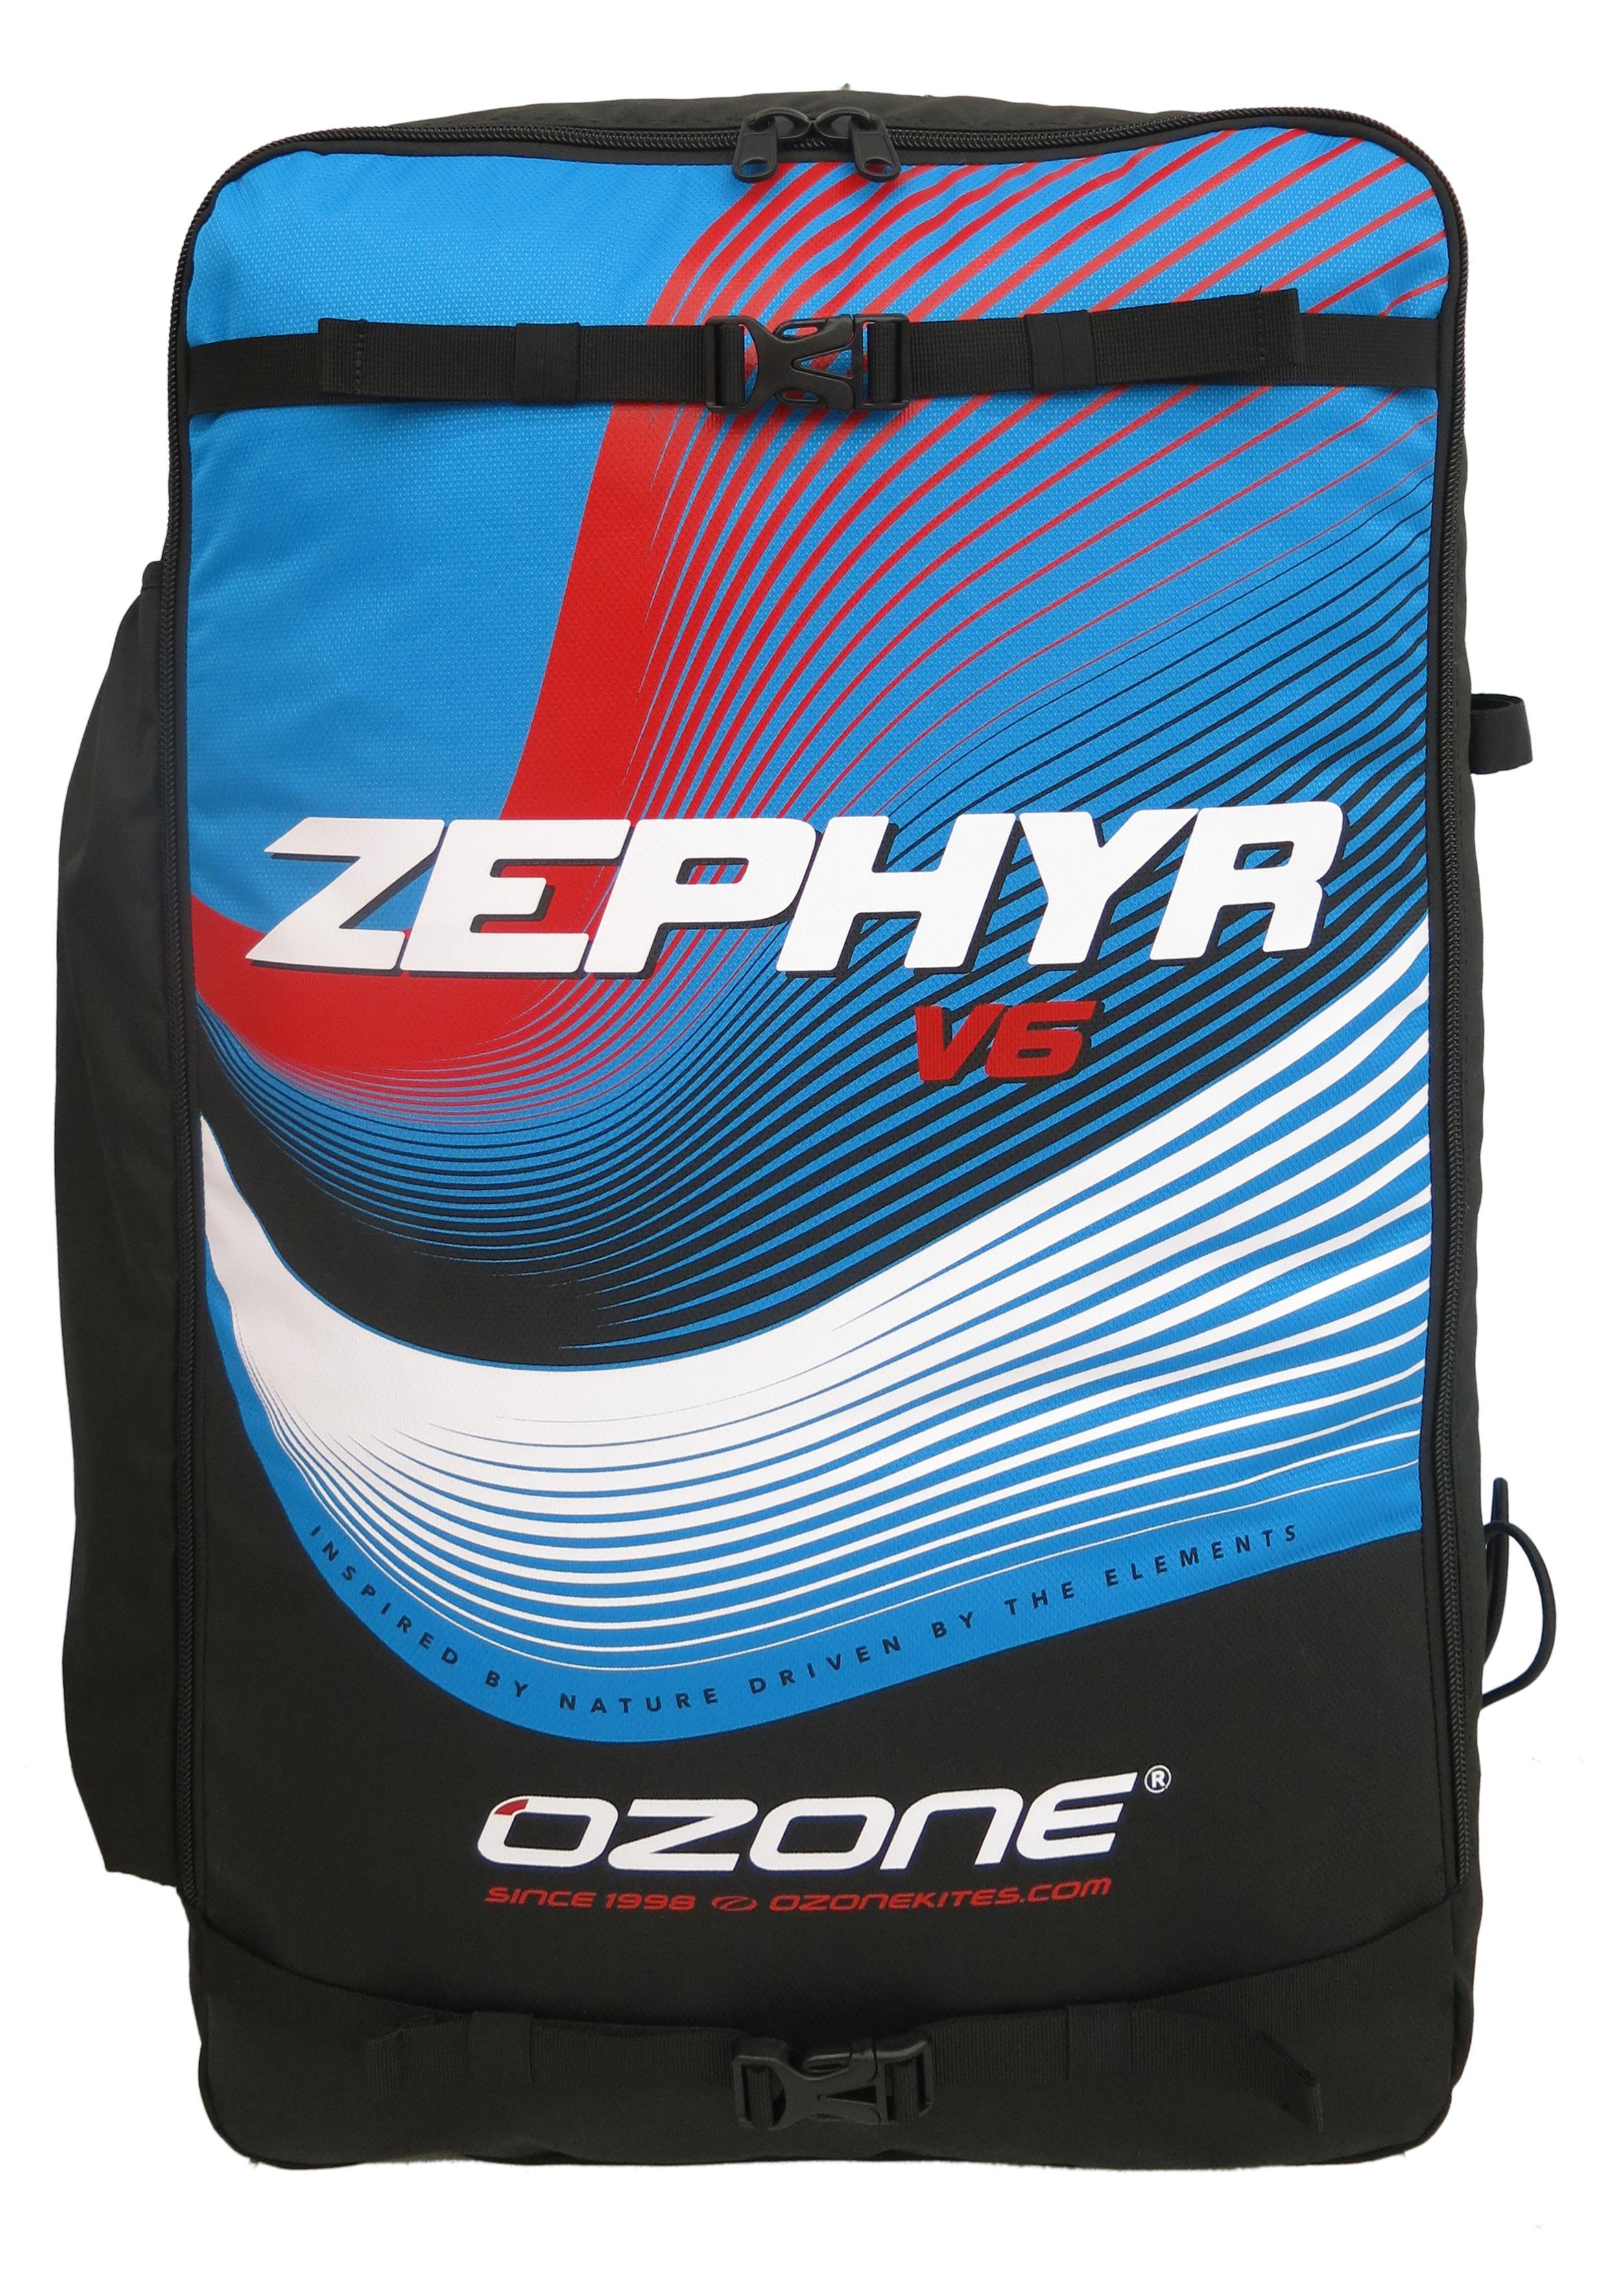 Zephyr-V6-Bag